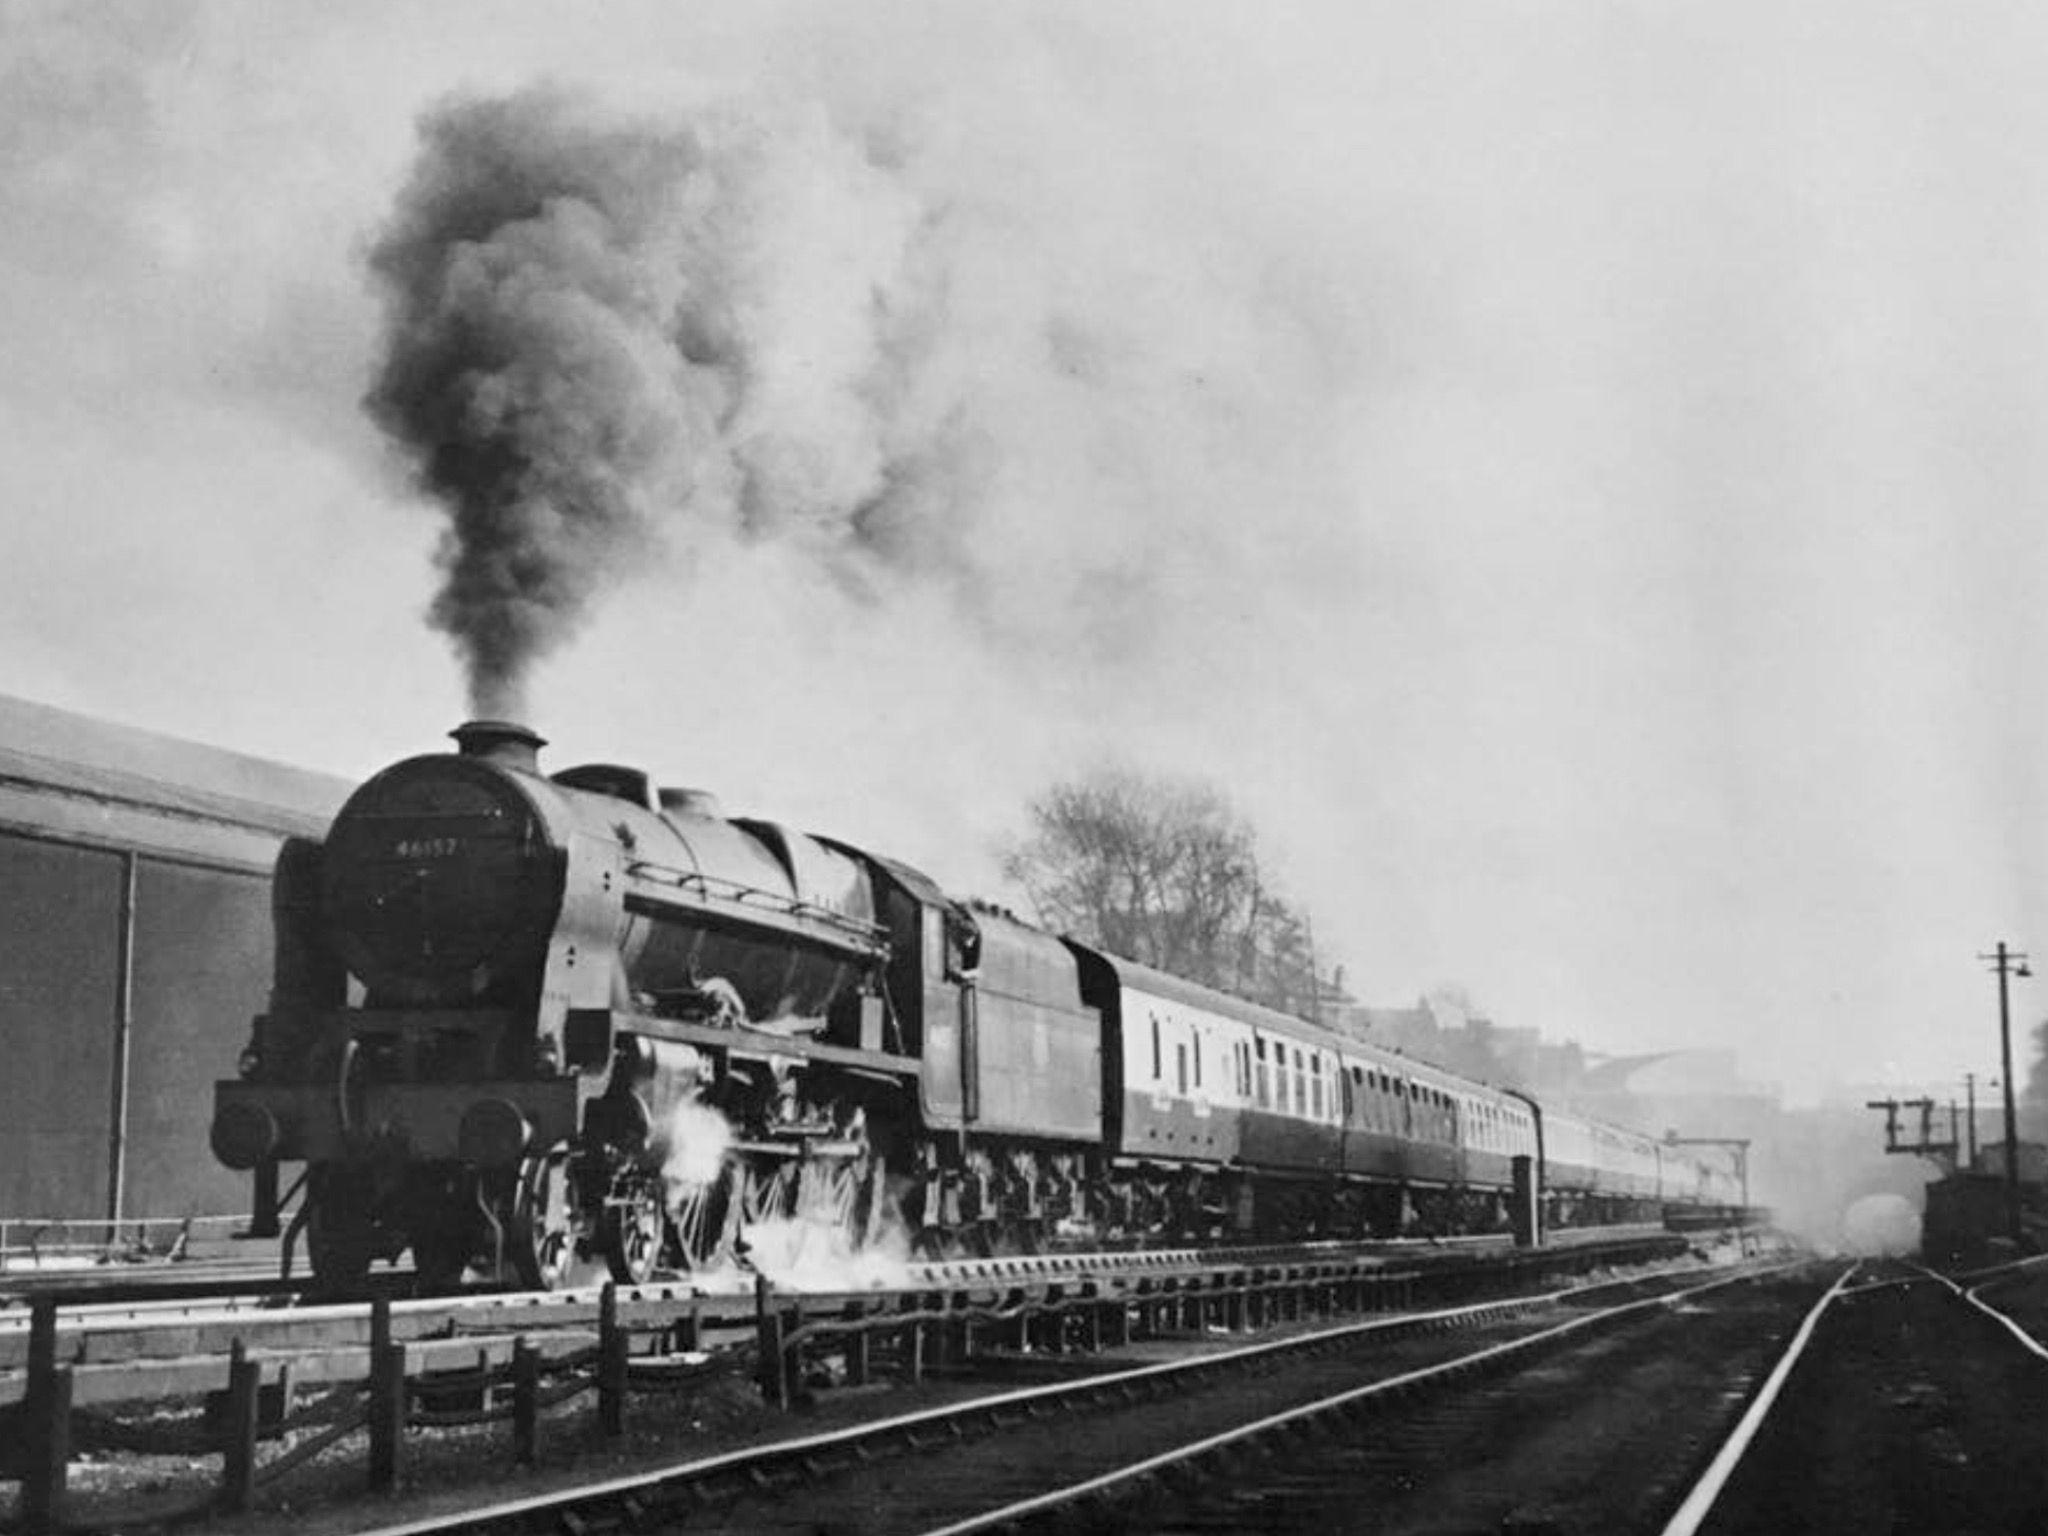 46157 The Royal Artilleryman Trains In 2019 Train